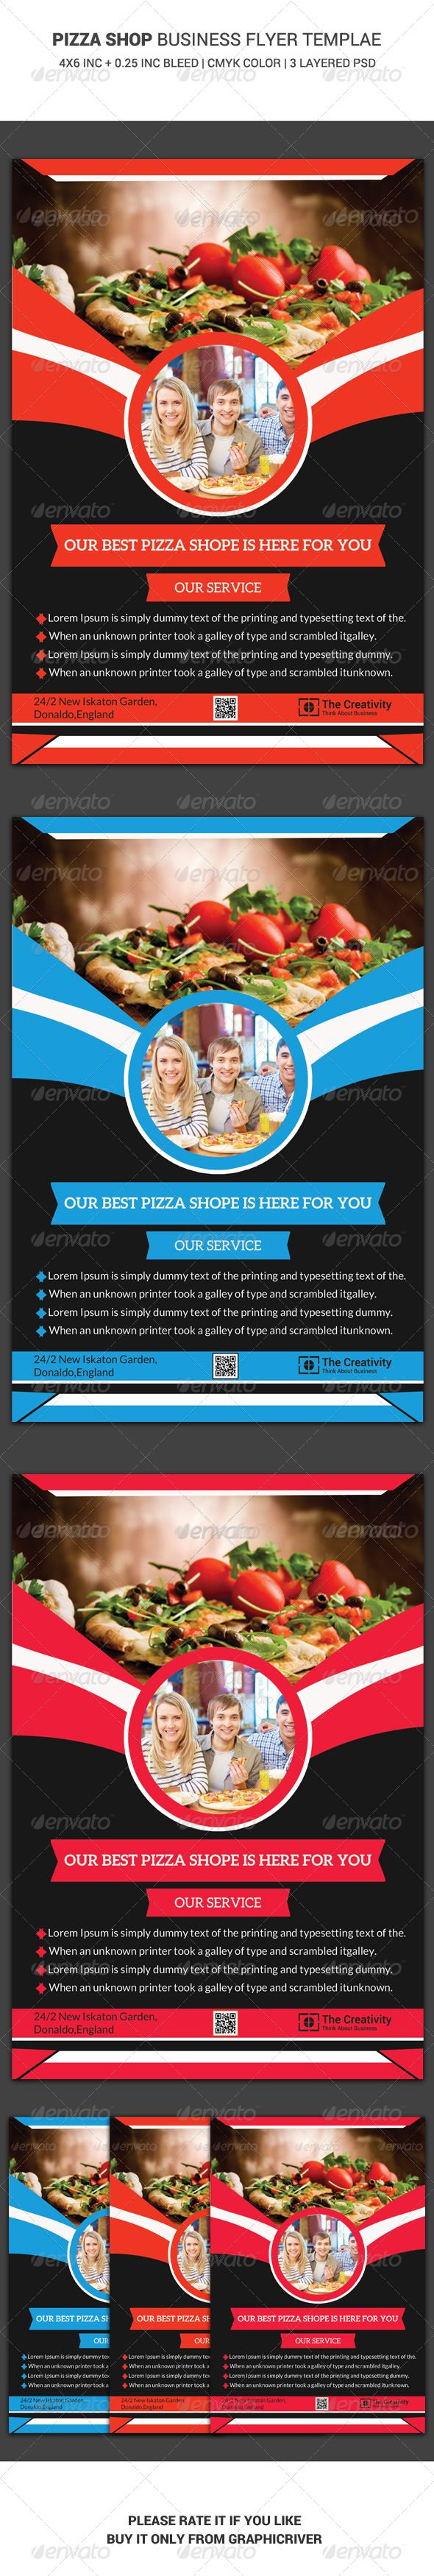 Best Restaurant Flyer Design Images On   Flyer